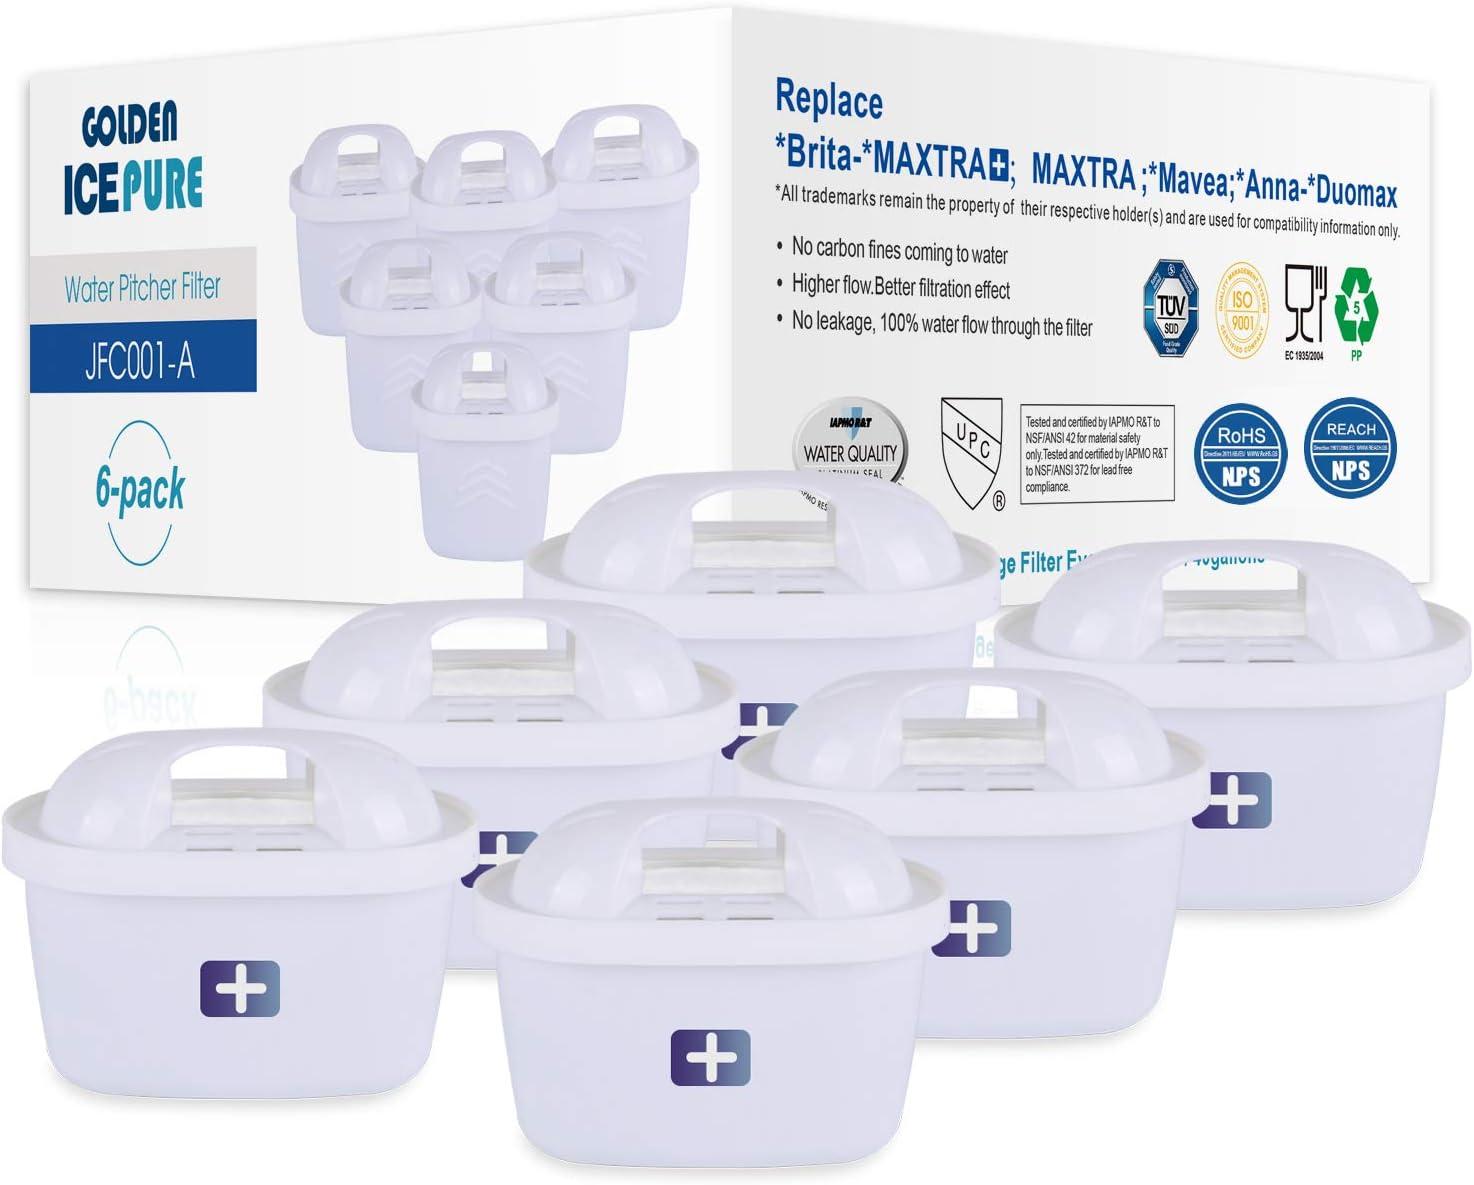 Filtro de agua de repuesto para Brita Maxtra+, Brita Maxtra, Mavea, Anna Duomax por Golden ICEPURE (6 unidades) 6: Amazon.es: Hogar